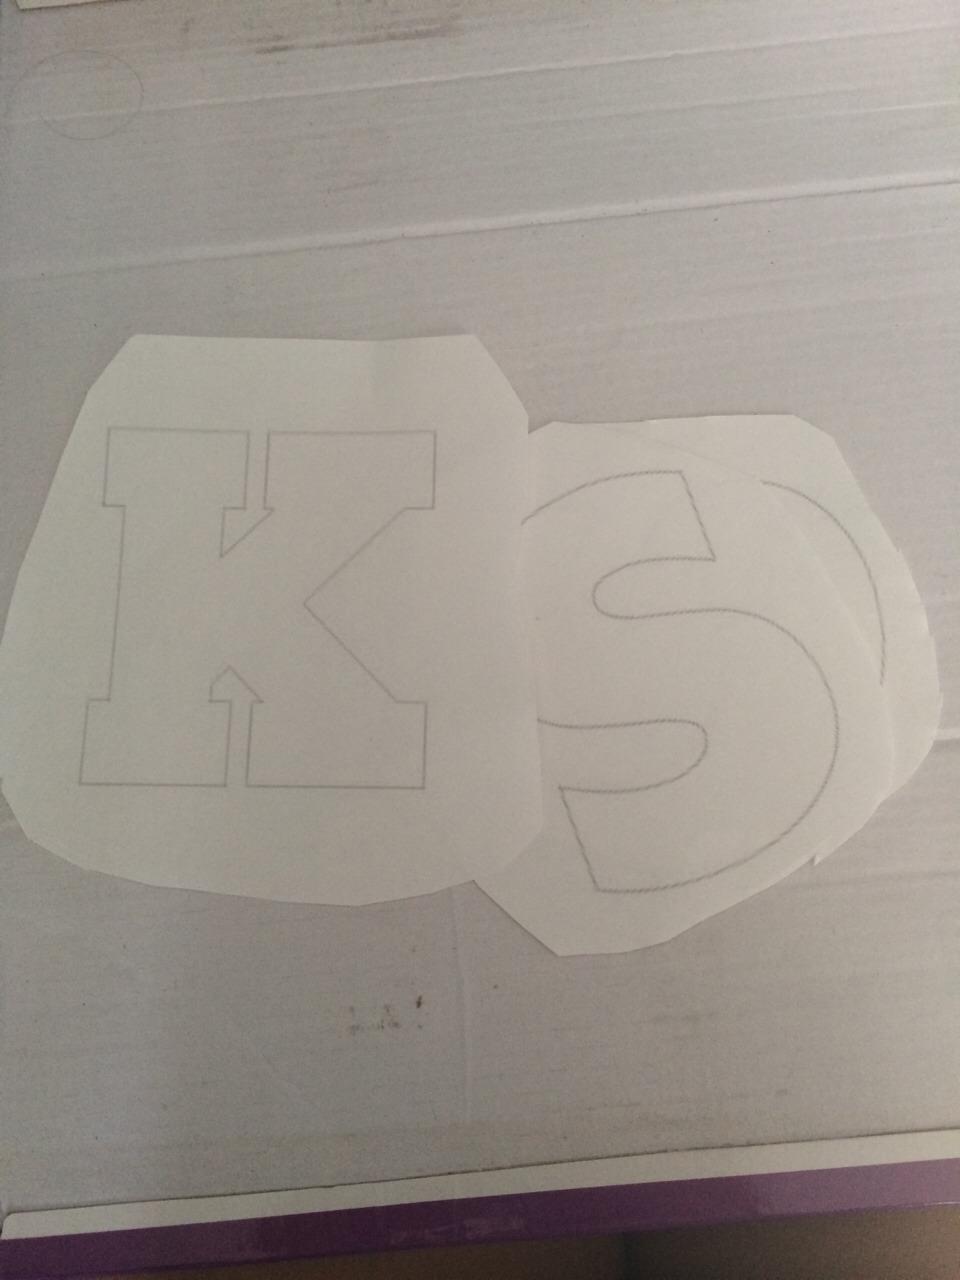 cardboard + letter stencils (I got mine from google images)